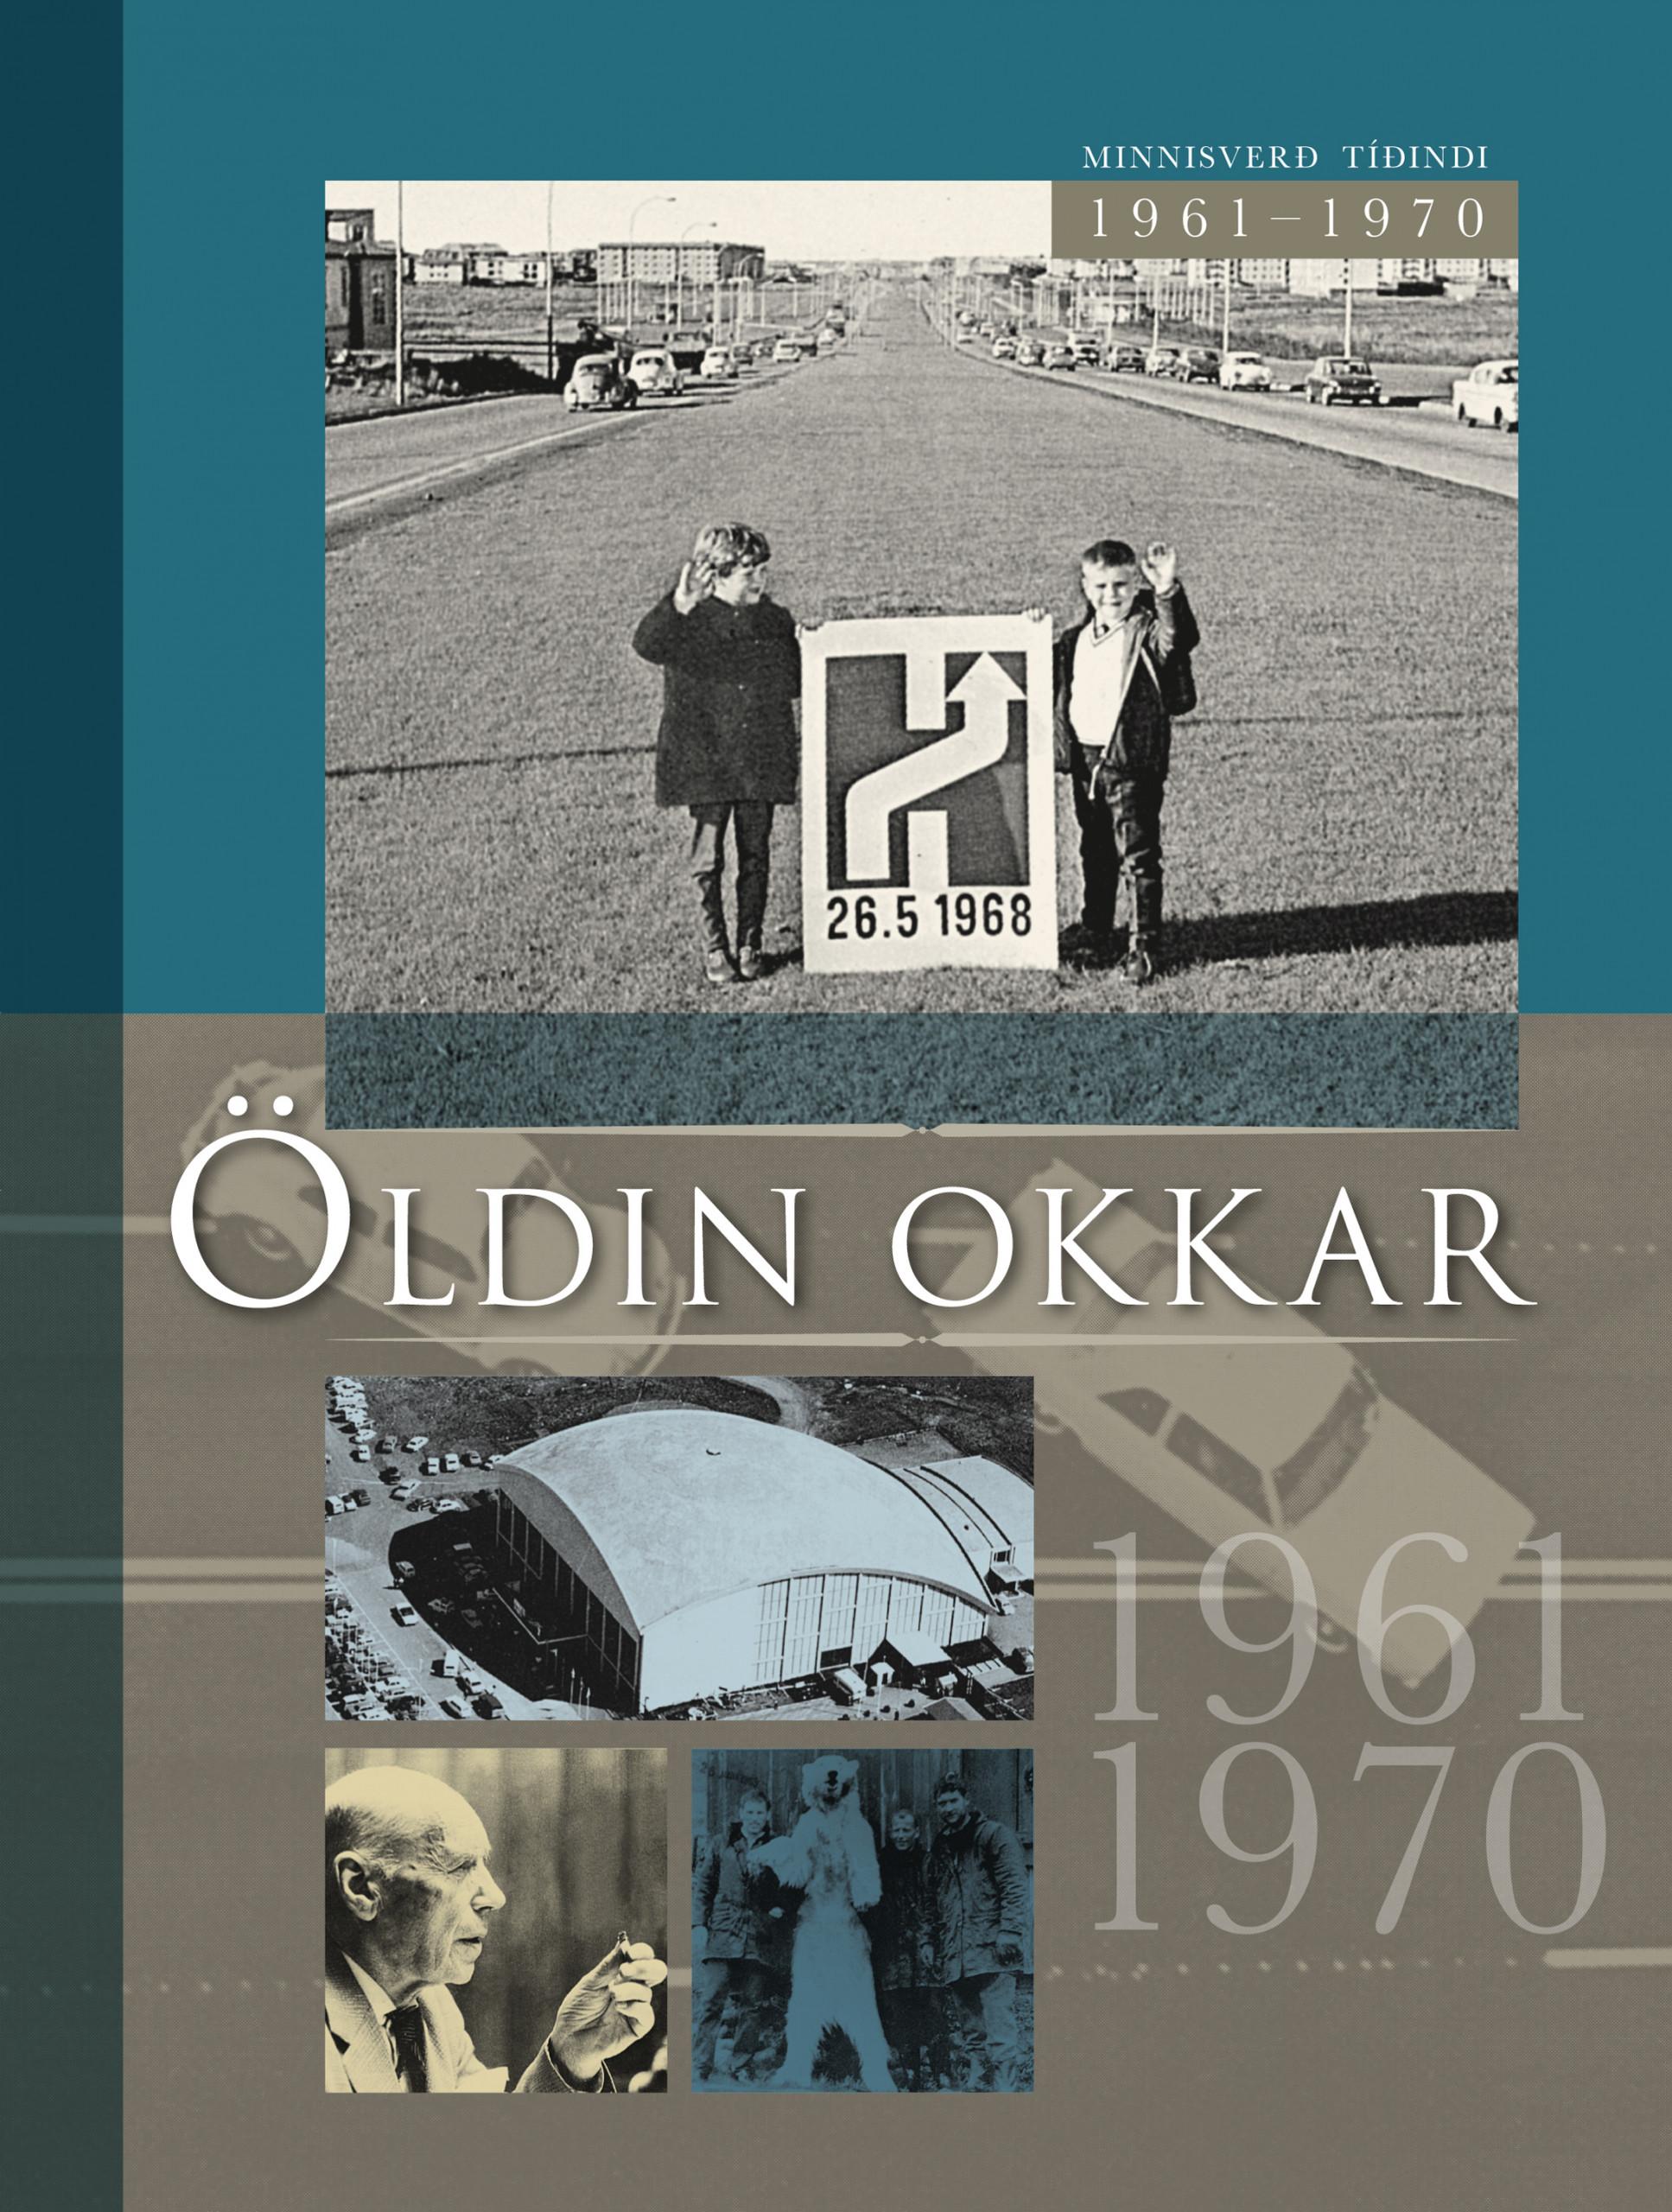 Öldin okkar 1961-1970